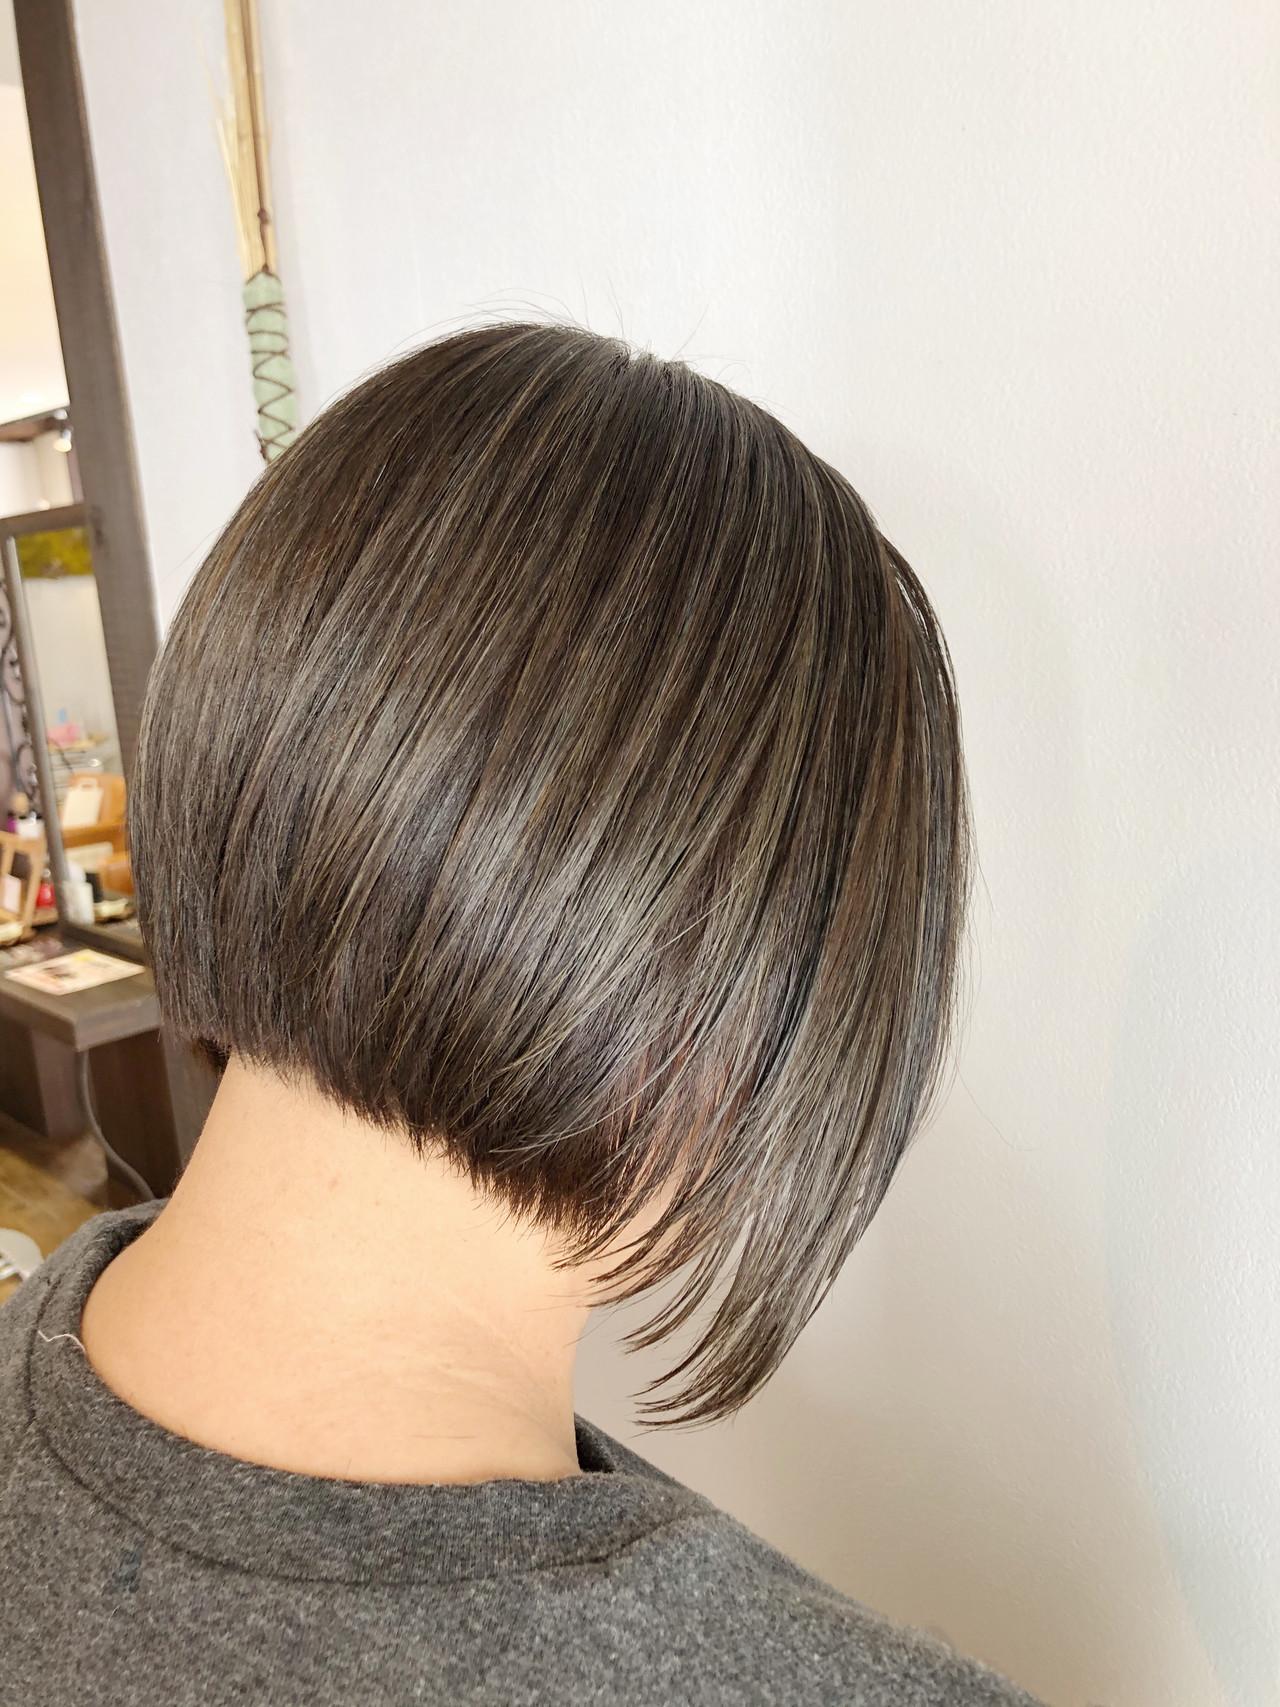 【知っておきたい】若白髪に要注意!白髪ができる4つの原因と対策